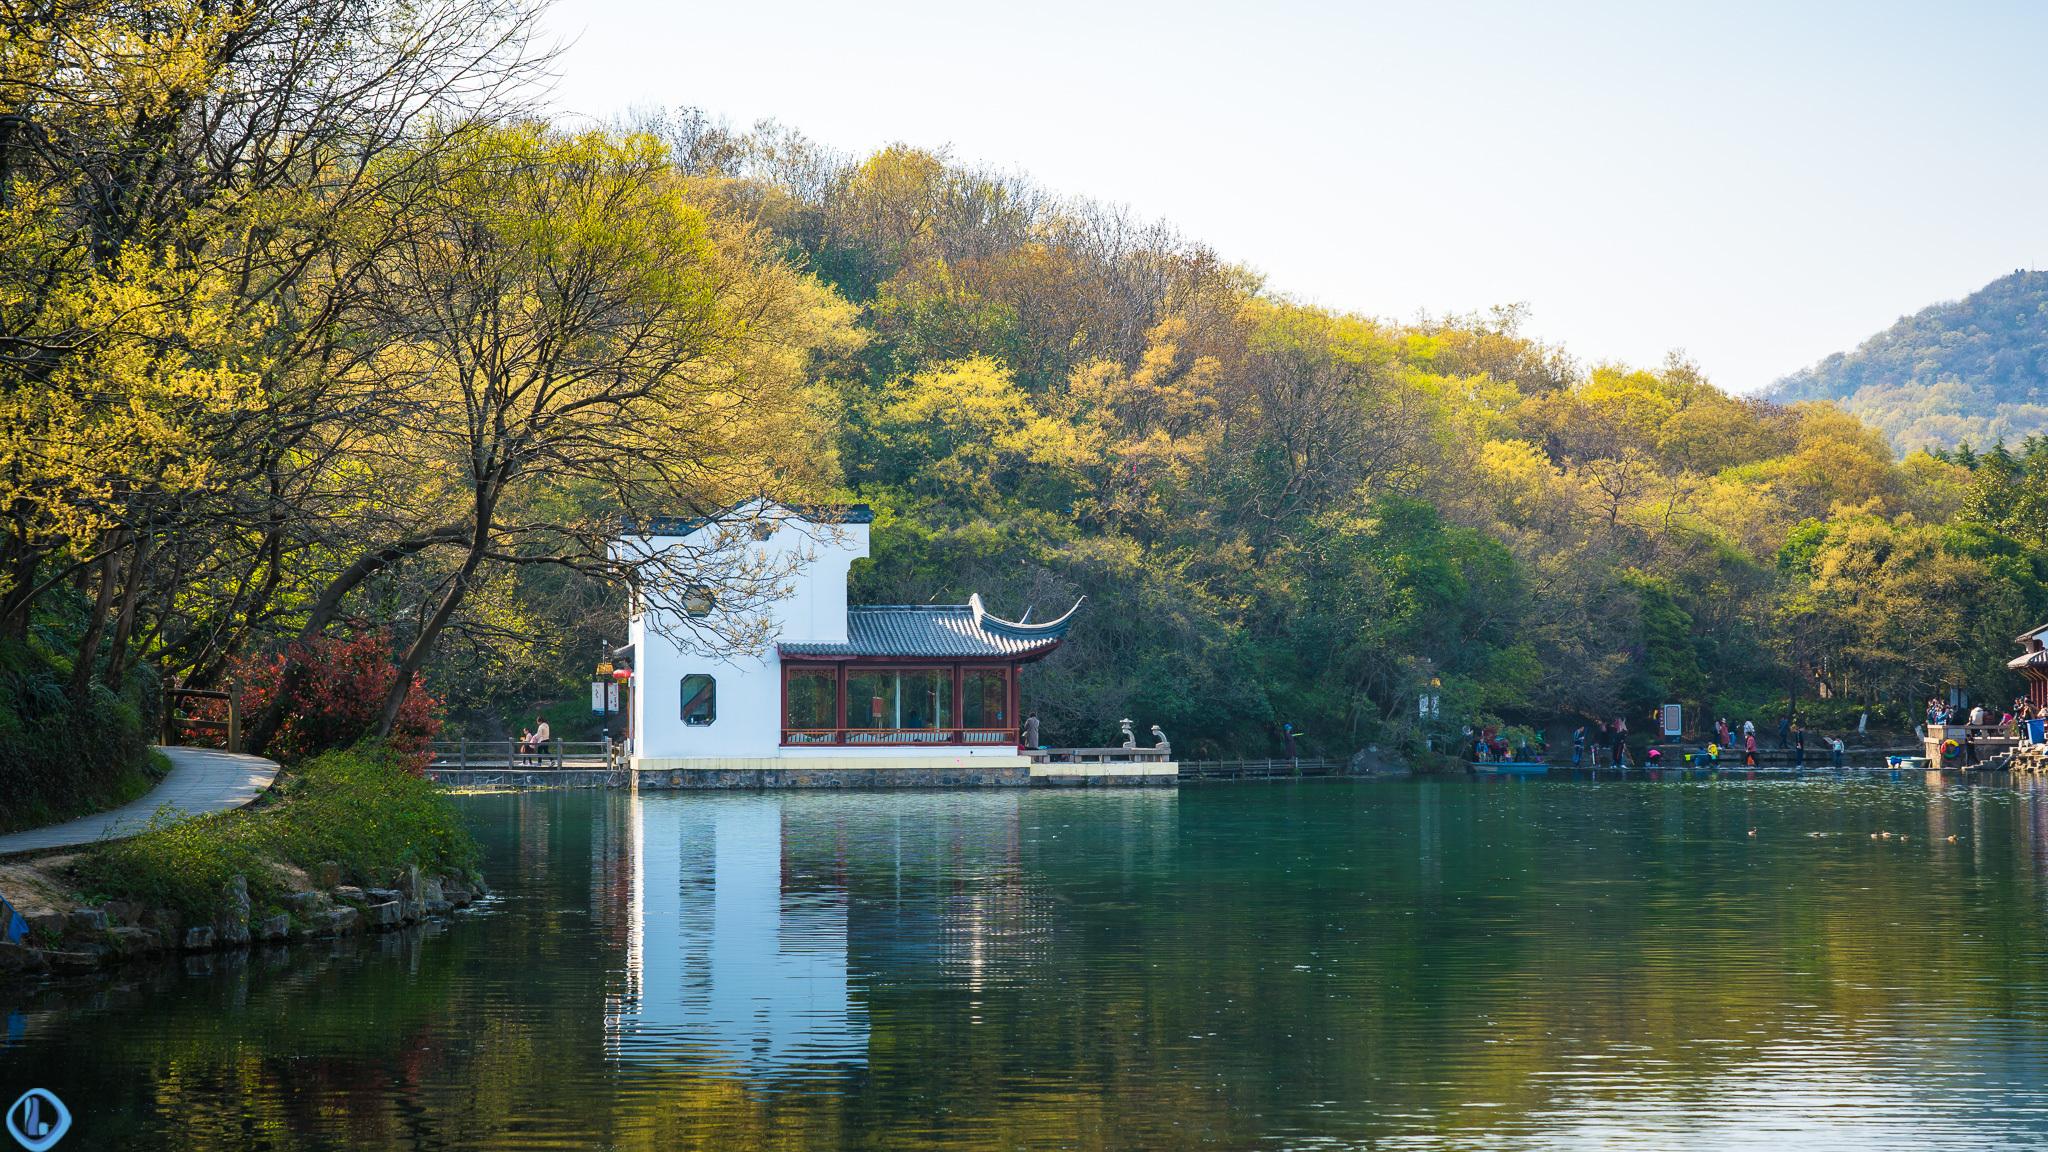 南京珍珠泉,地下泉水冒出时似颗颗明珠